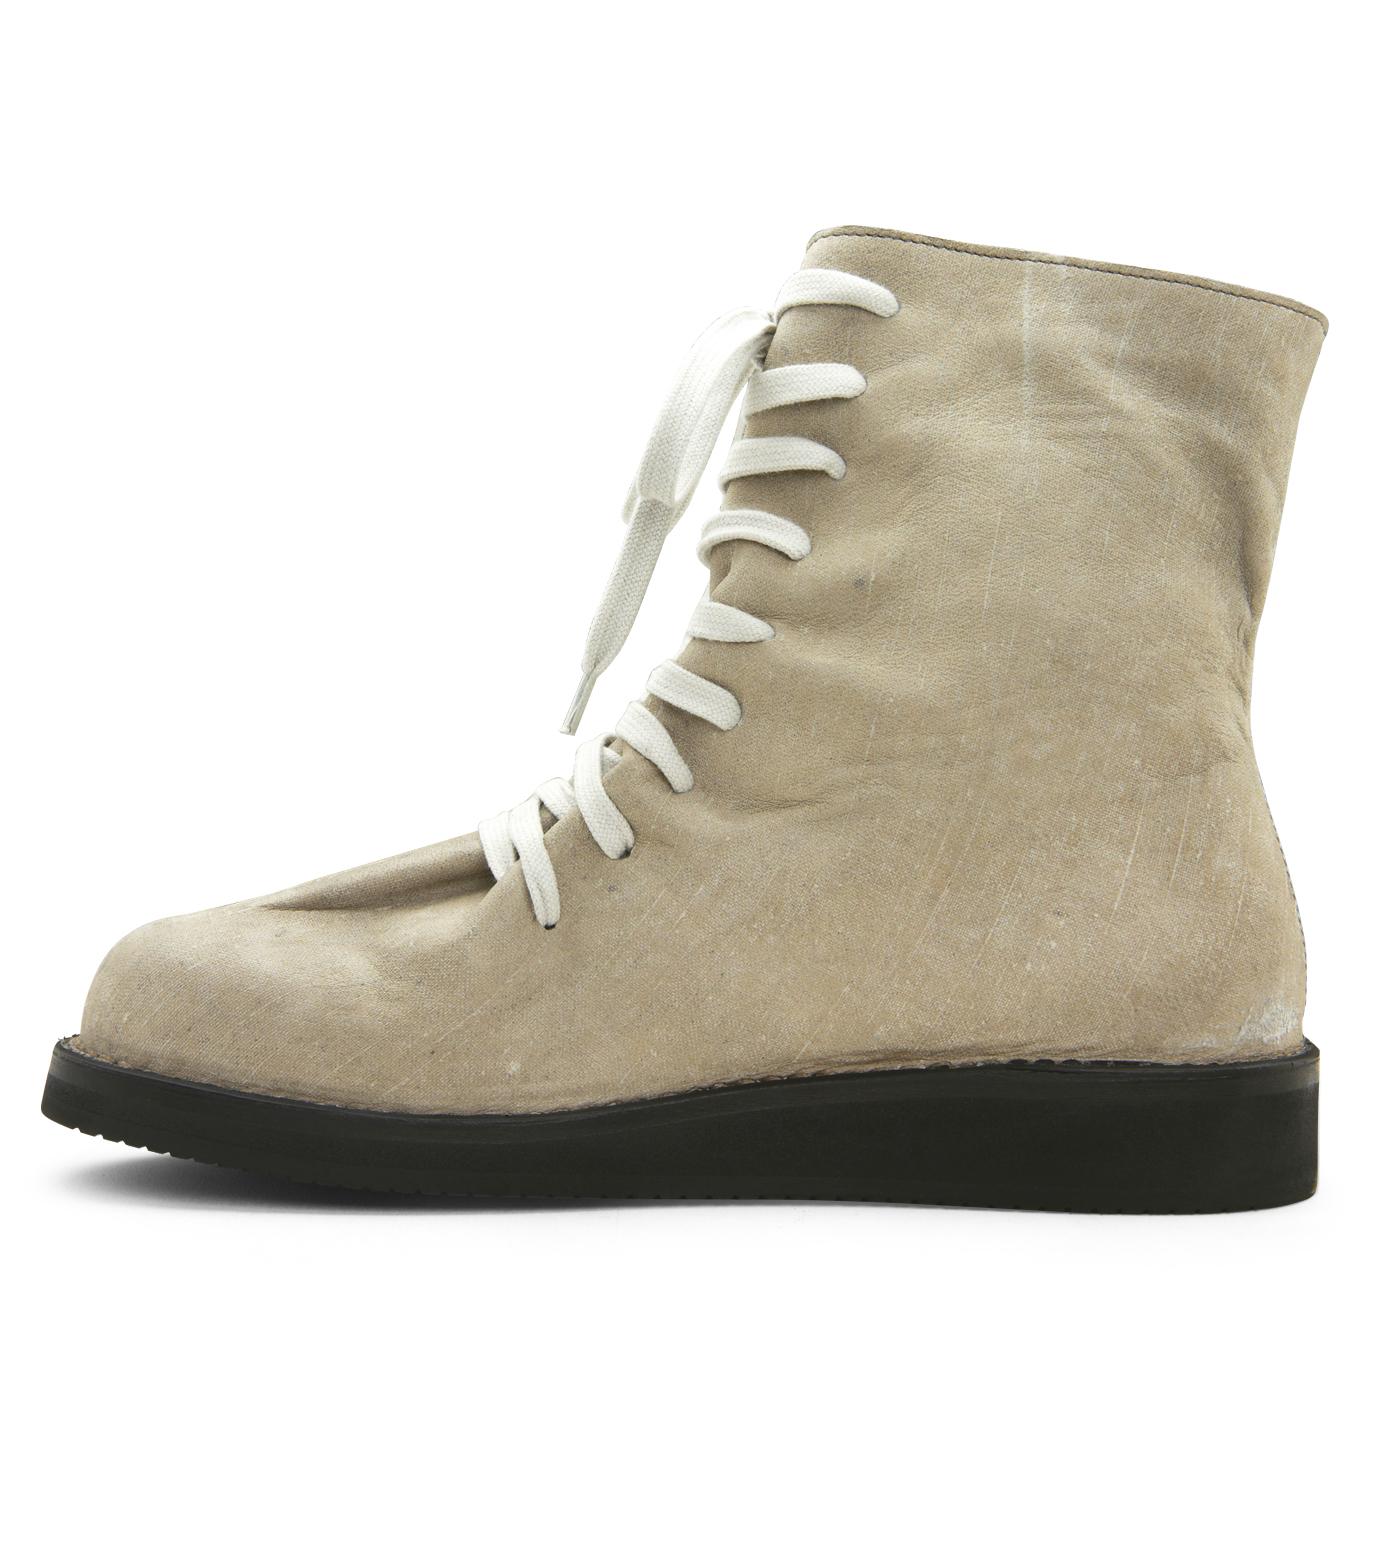 Kris Van Assche(クリスヴァンアッシュ)のLace Up Boots-GRAY-K2793 拡大詳細画像2